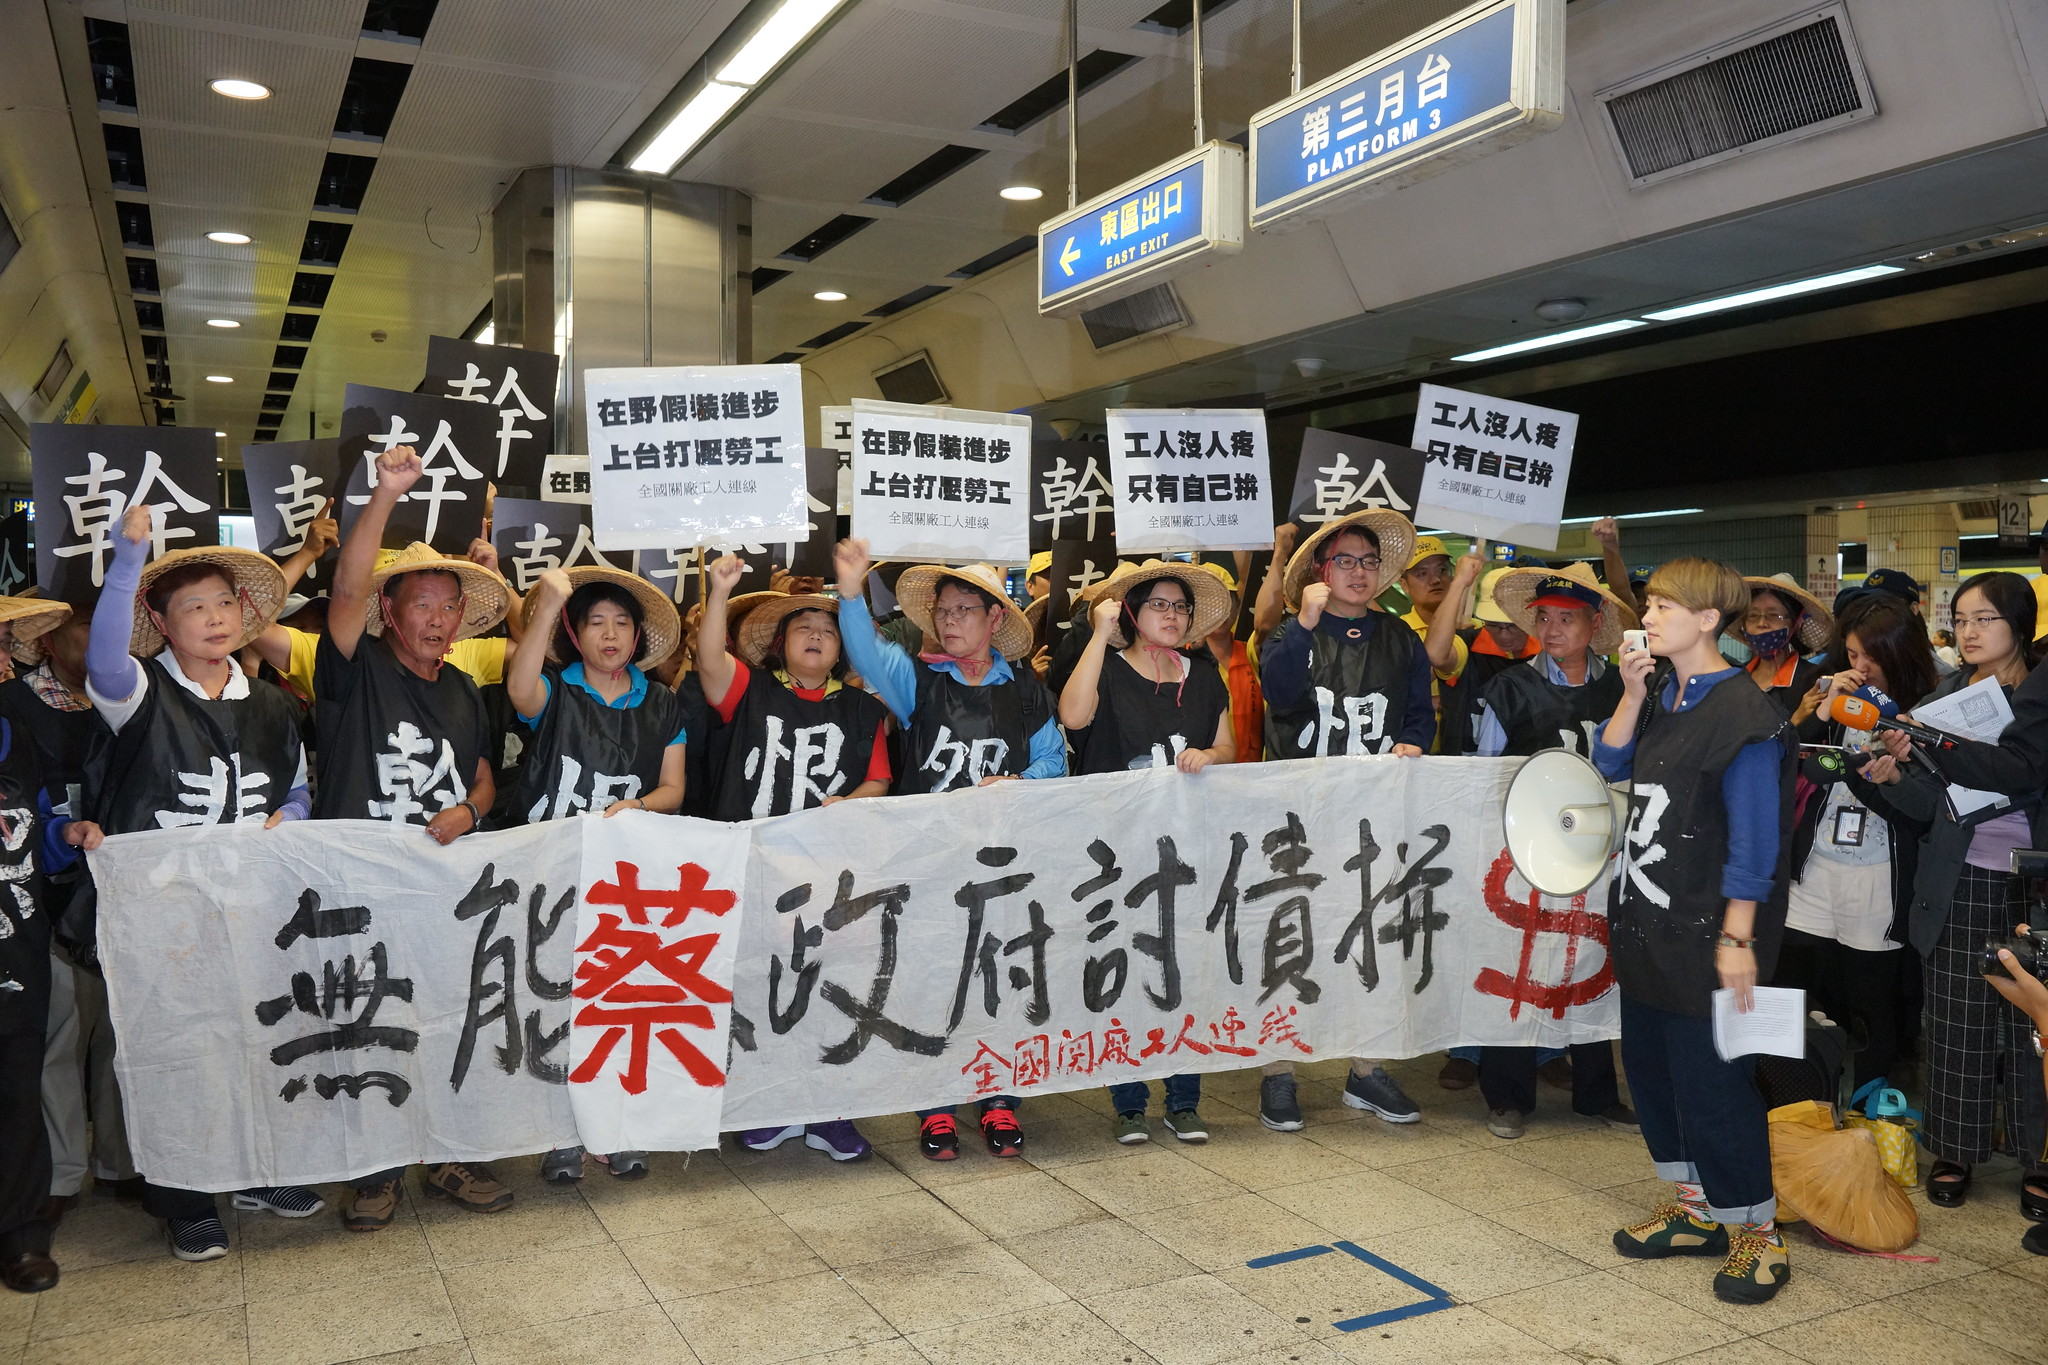 全关连重返台北车站月台。(摄影:王颢中)